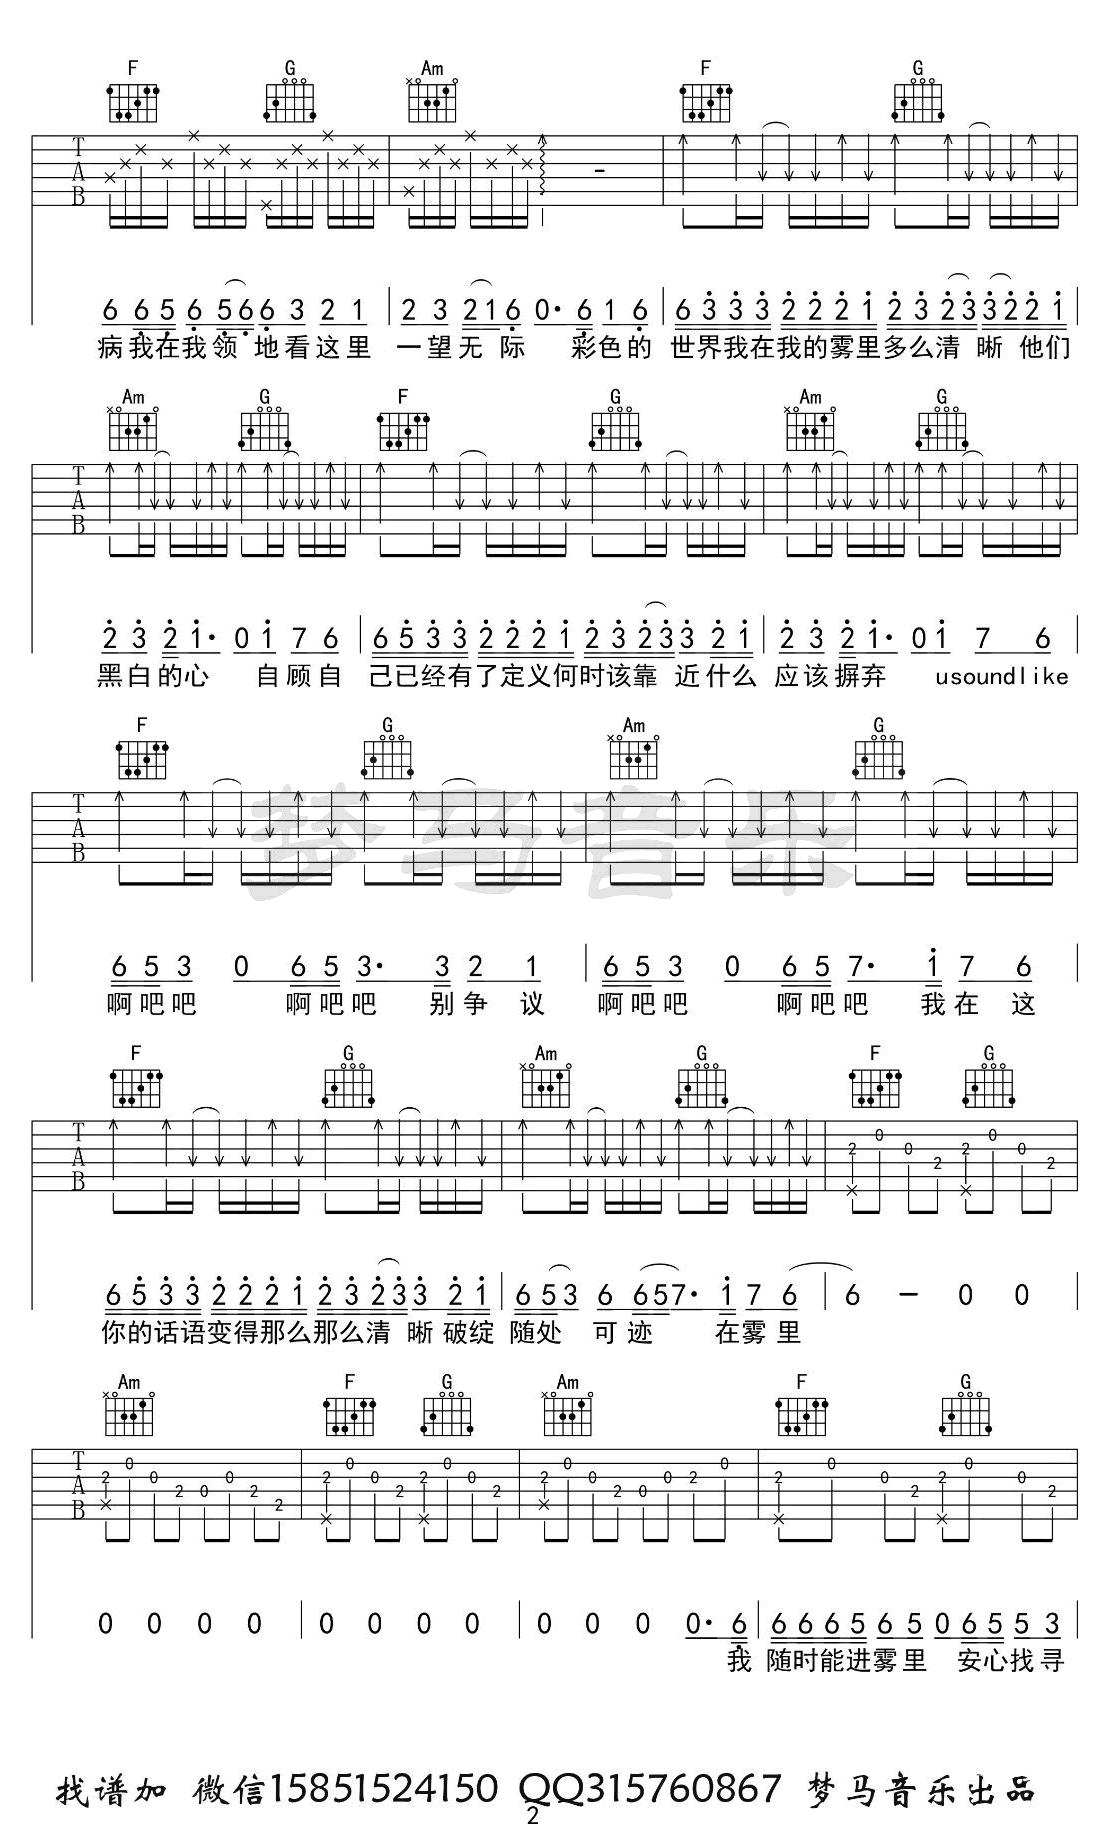 雾里吉他谱-姚六一弹唱六线谱-2